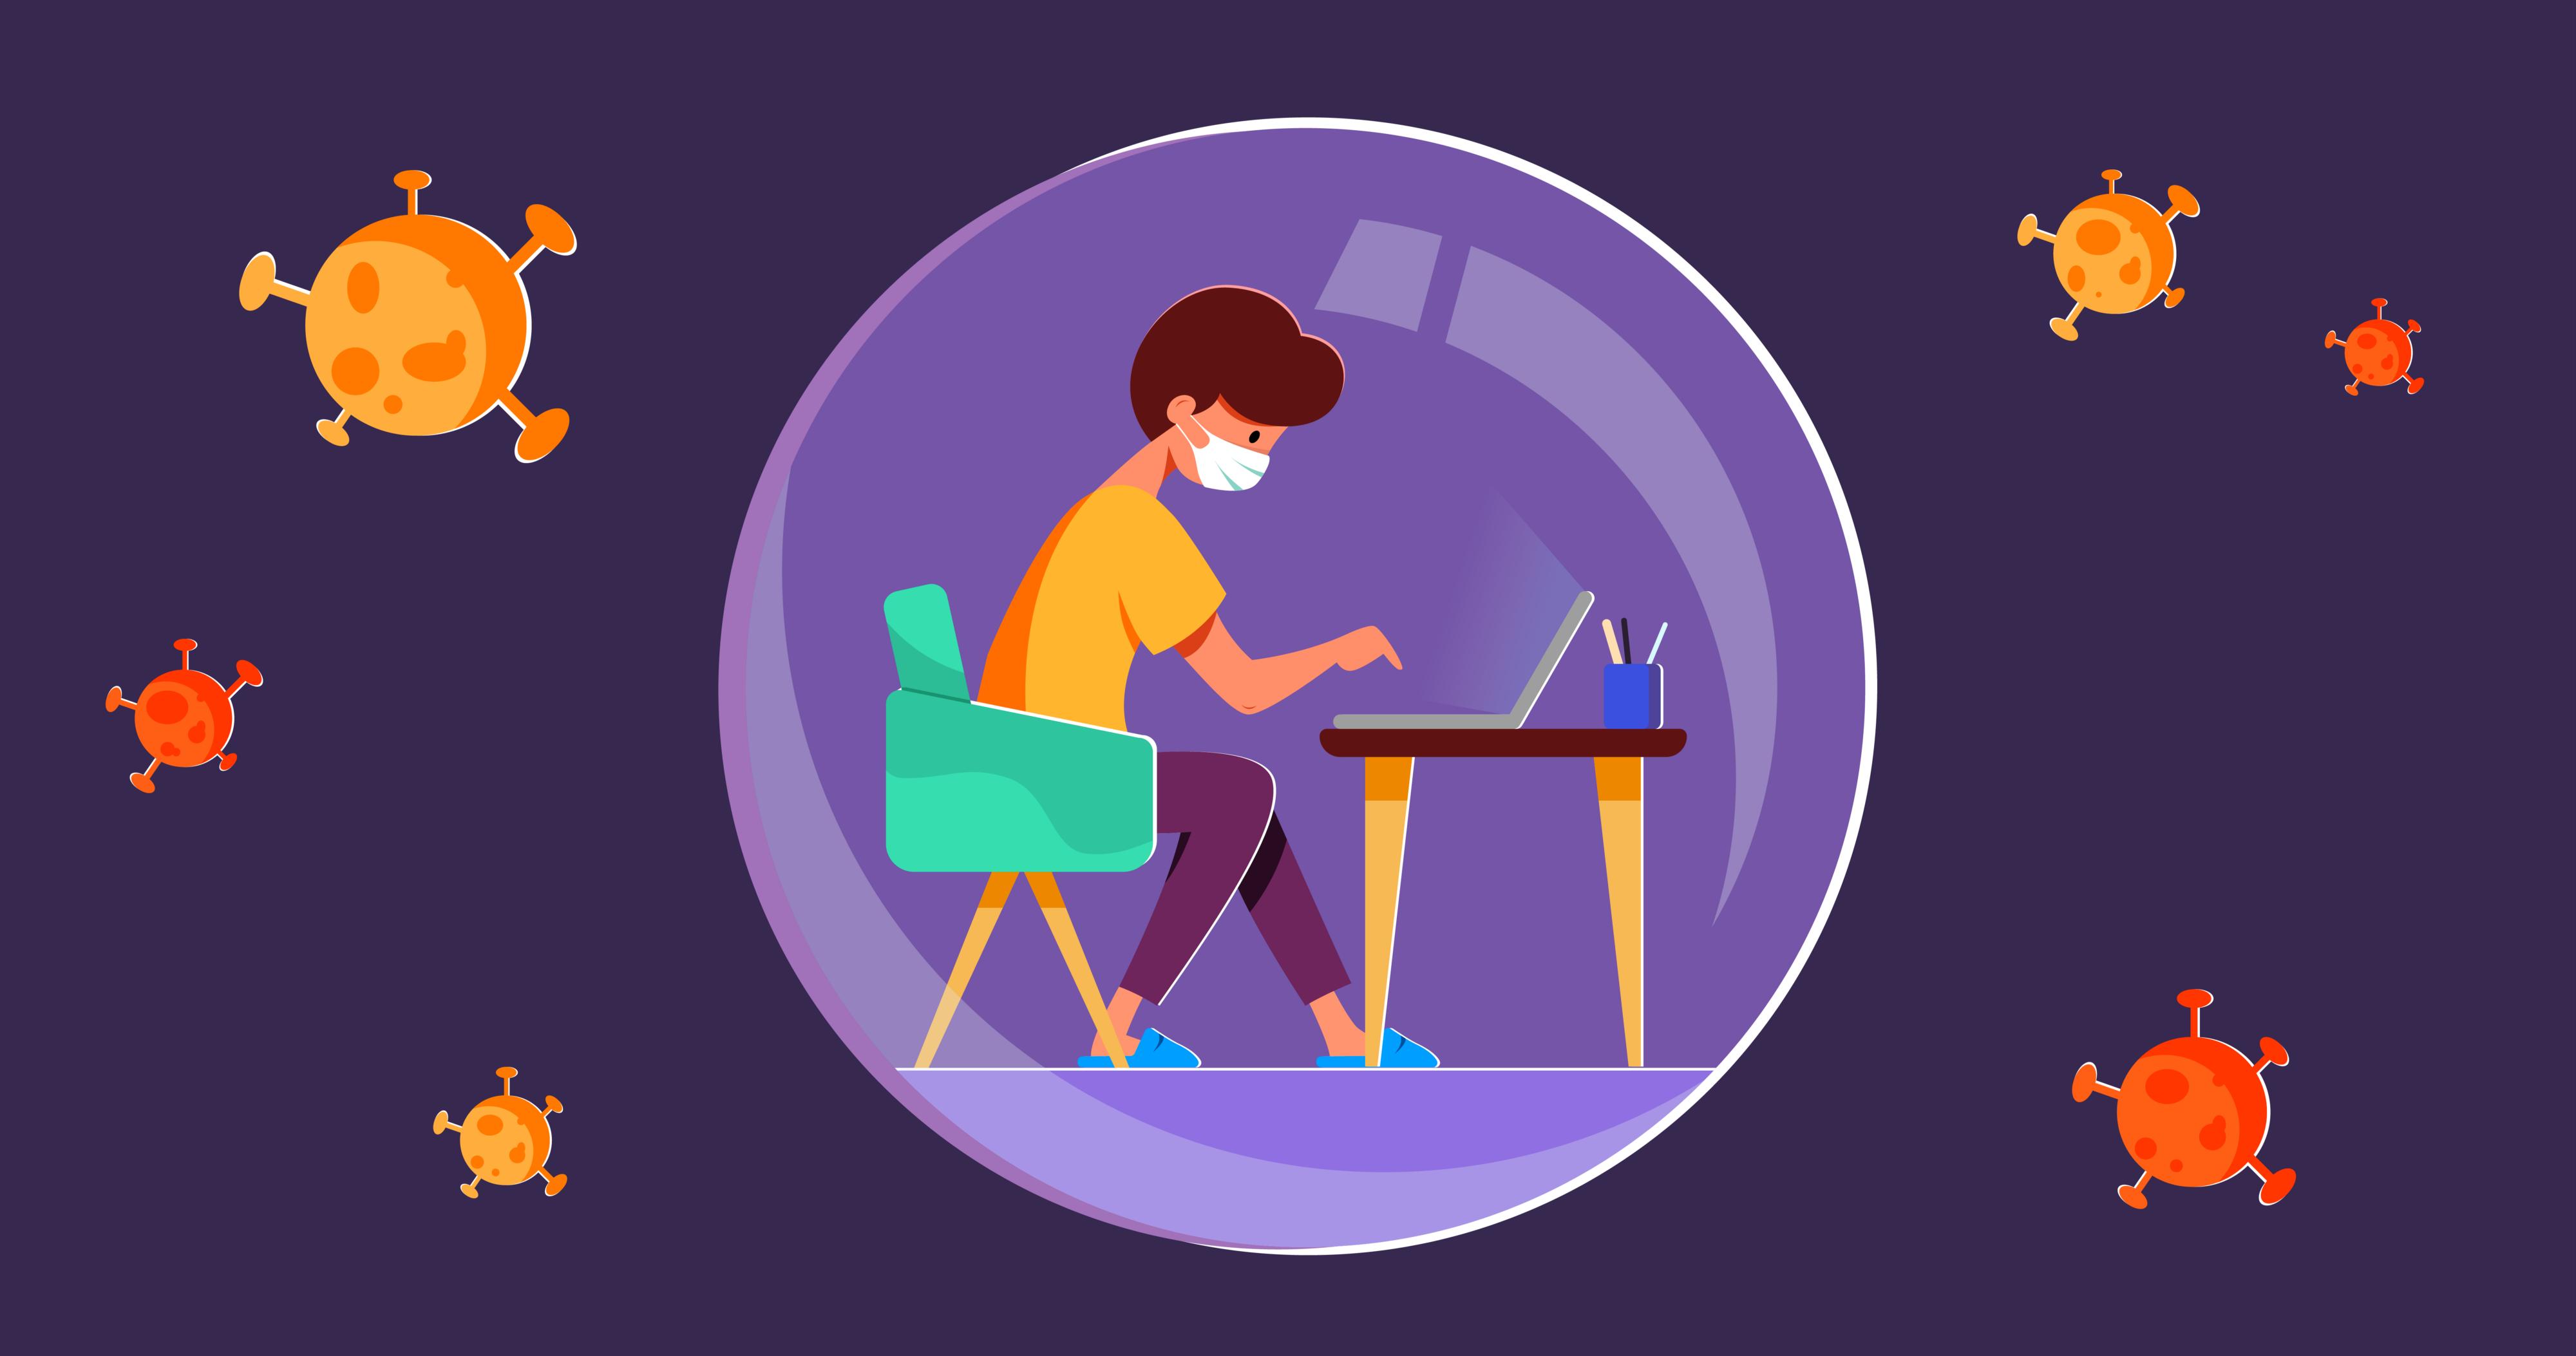 Teletrabalho: Como Trabalhar de Uma Forma Saudável e Produtiva?